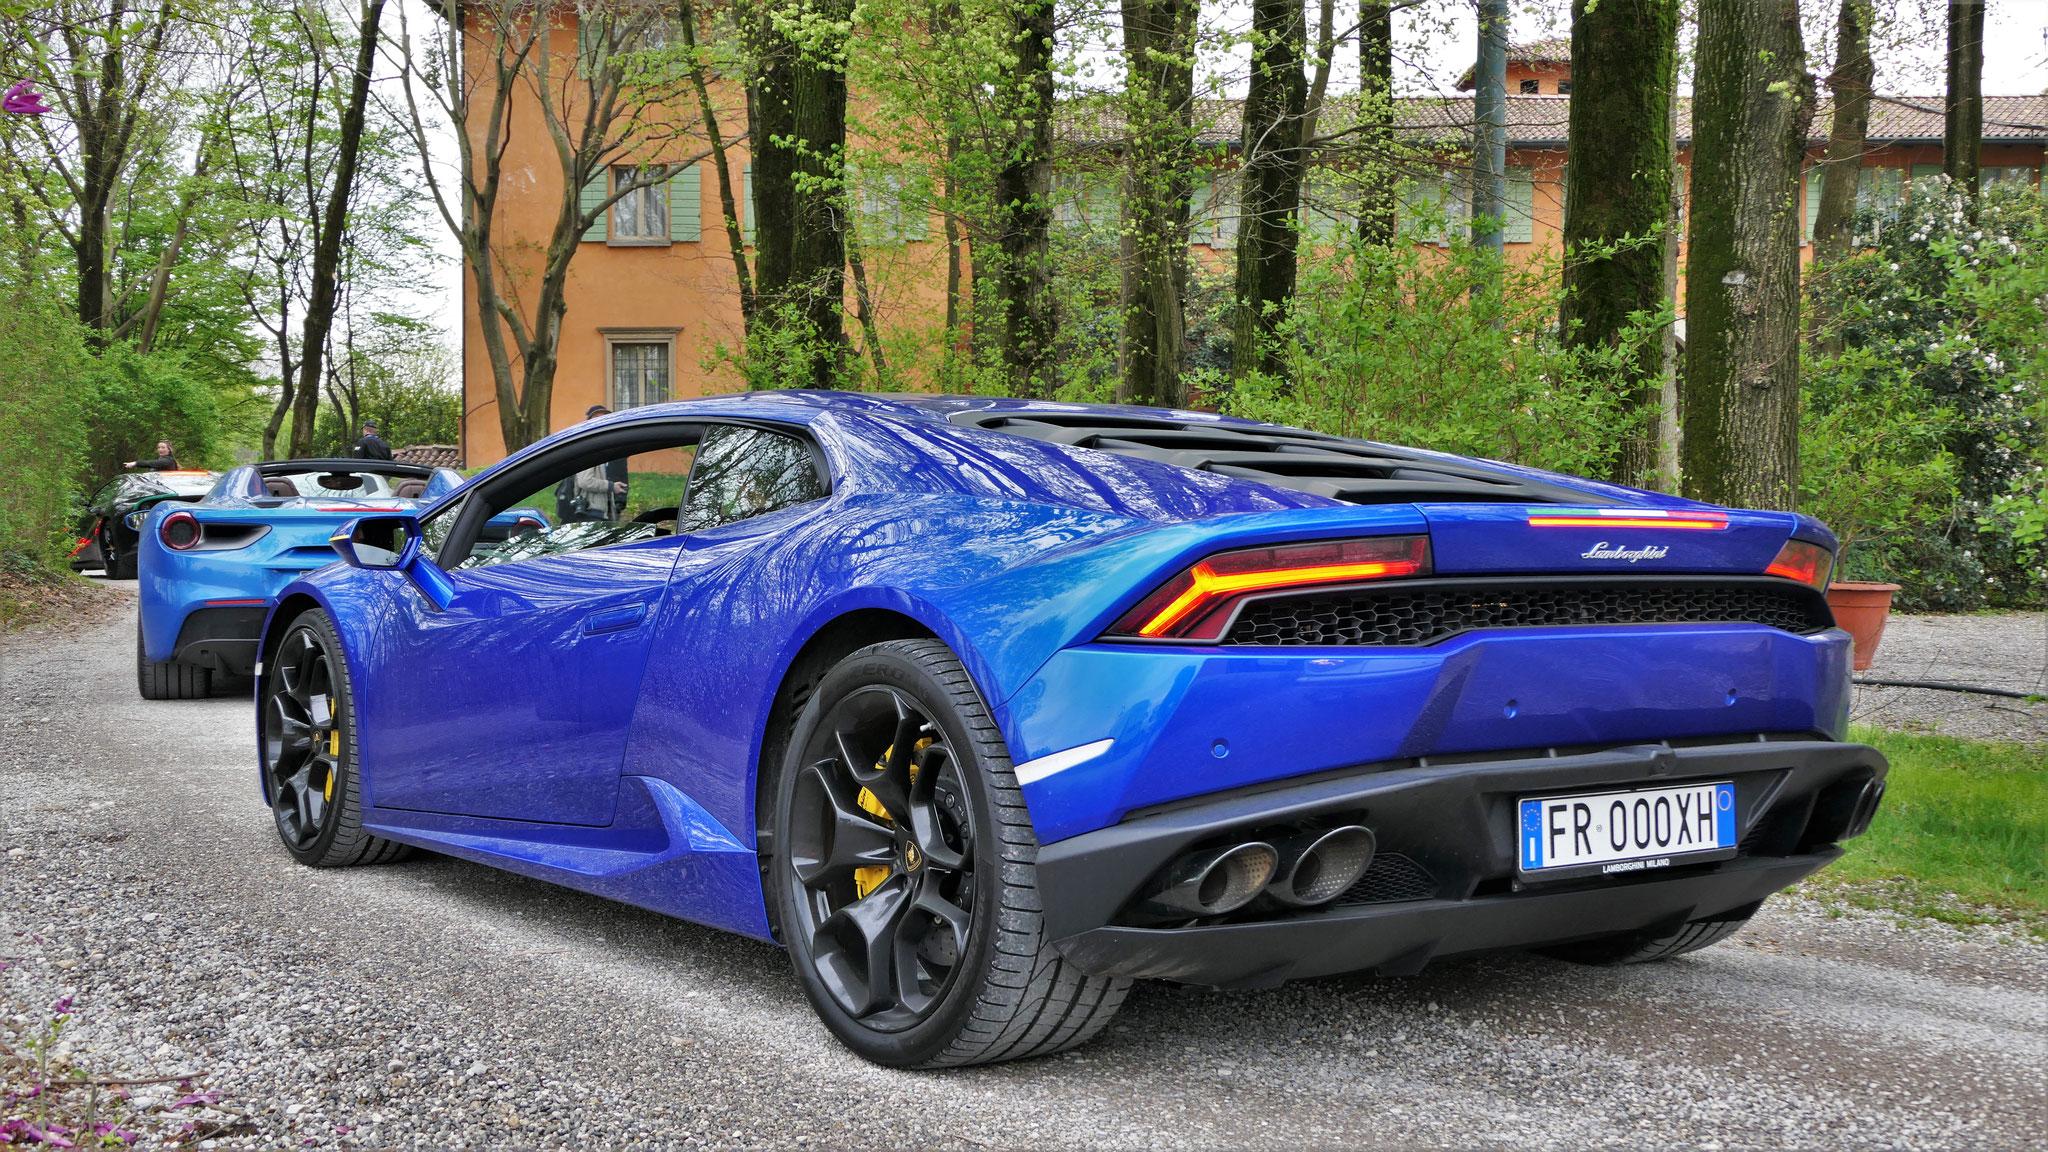 Lamborghini Huracan - FR-000-XH (ITA)